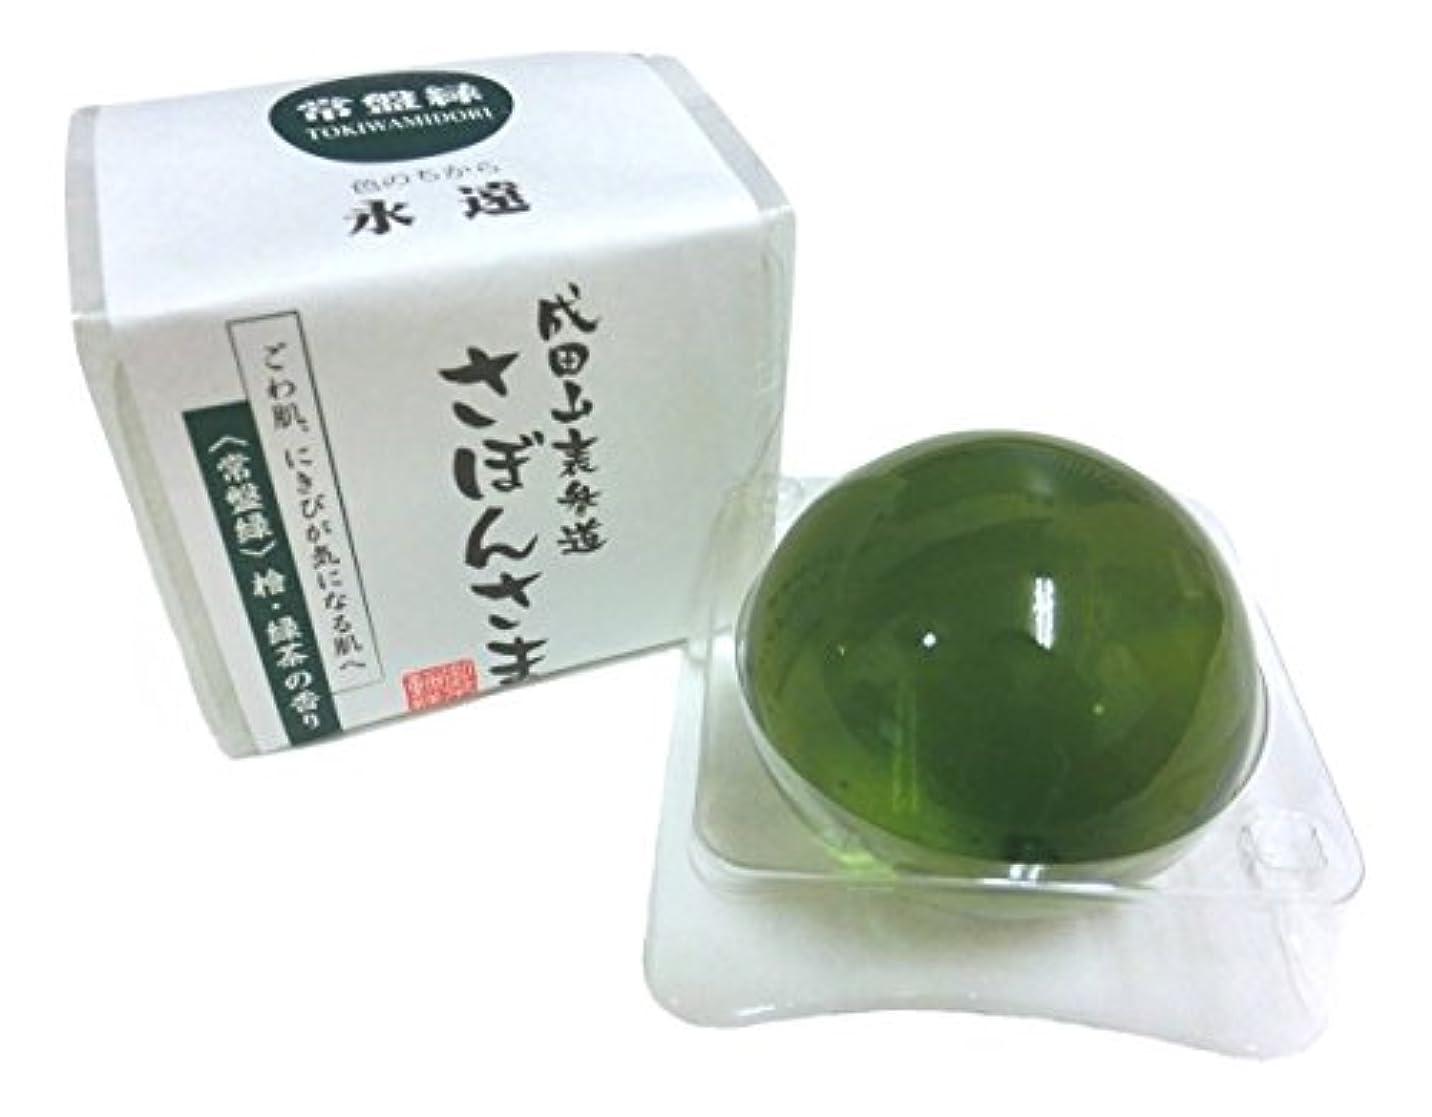 入手しますアシュリータファーマン要塞成田山表参道 さぼんさま〈常盤緑〉檜?緑茶の香り 100g